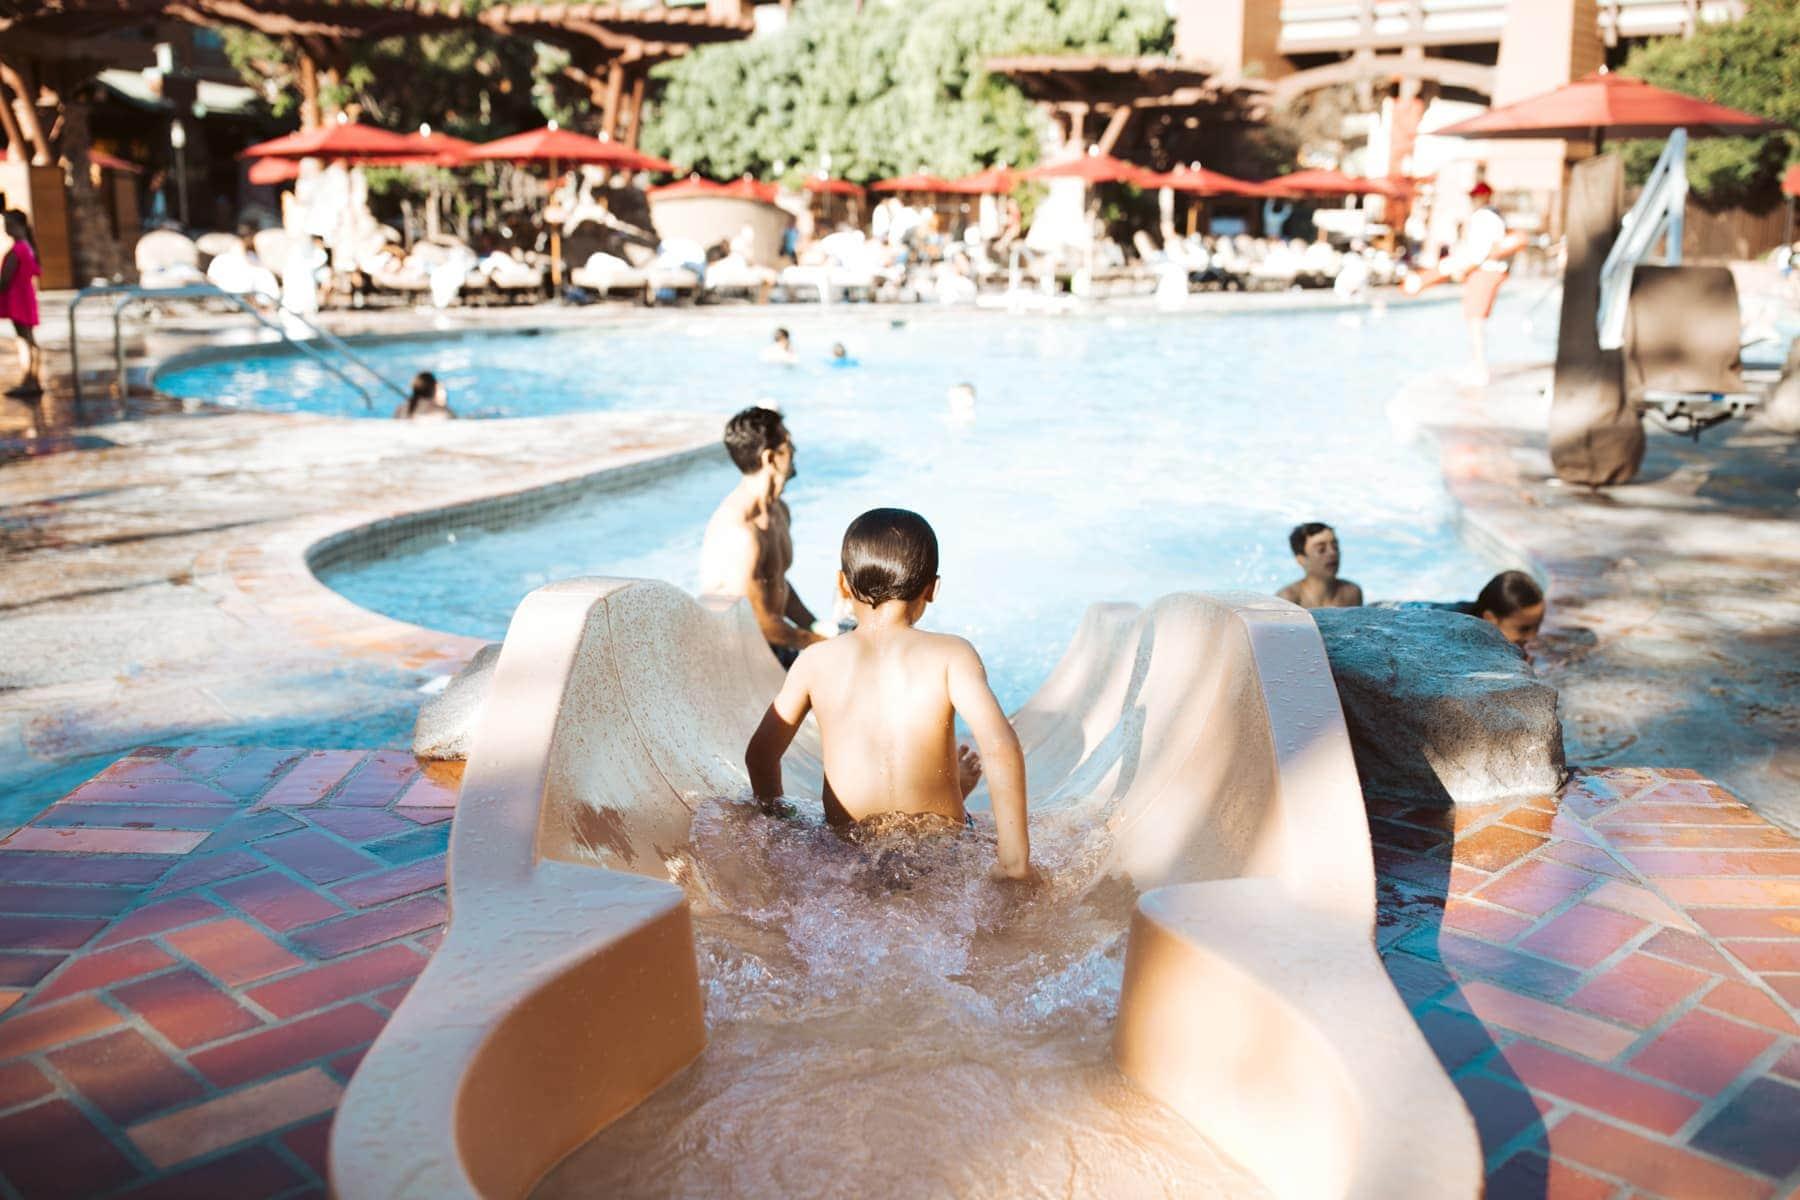 Disney Grand California Pool